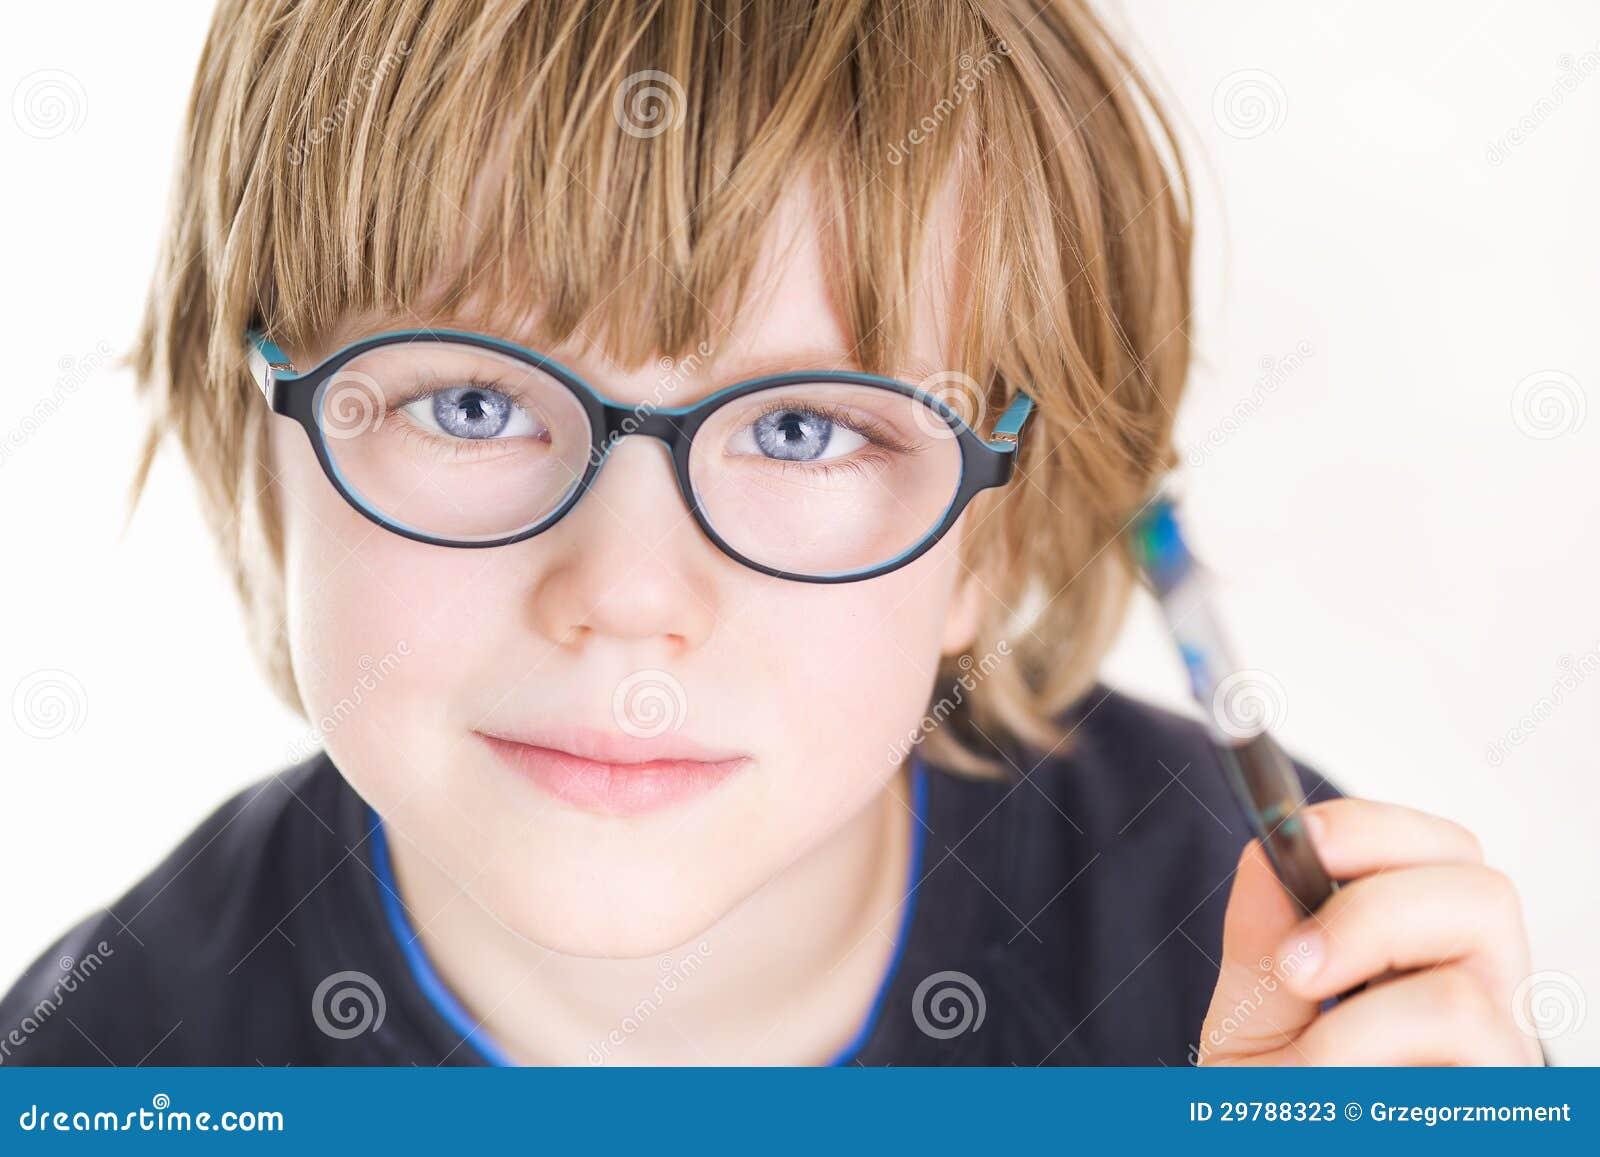 Piękna chłopiec z szkłami i obraz szczotkujemy w ręce